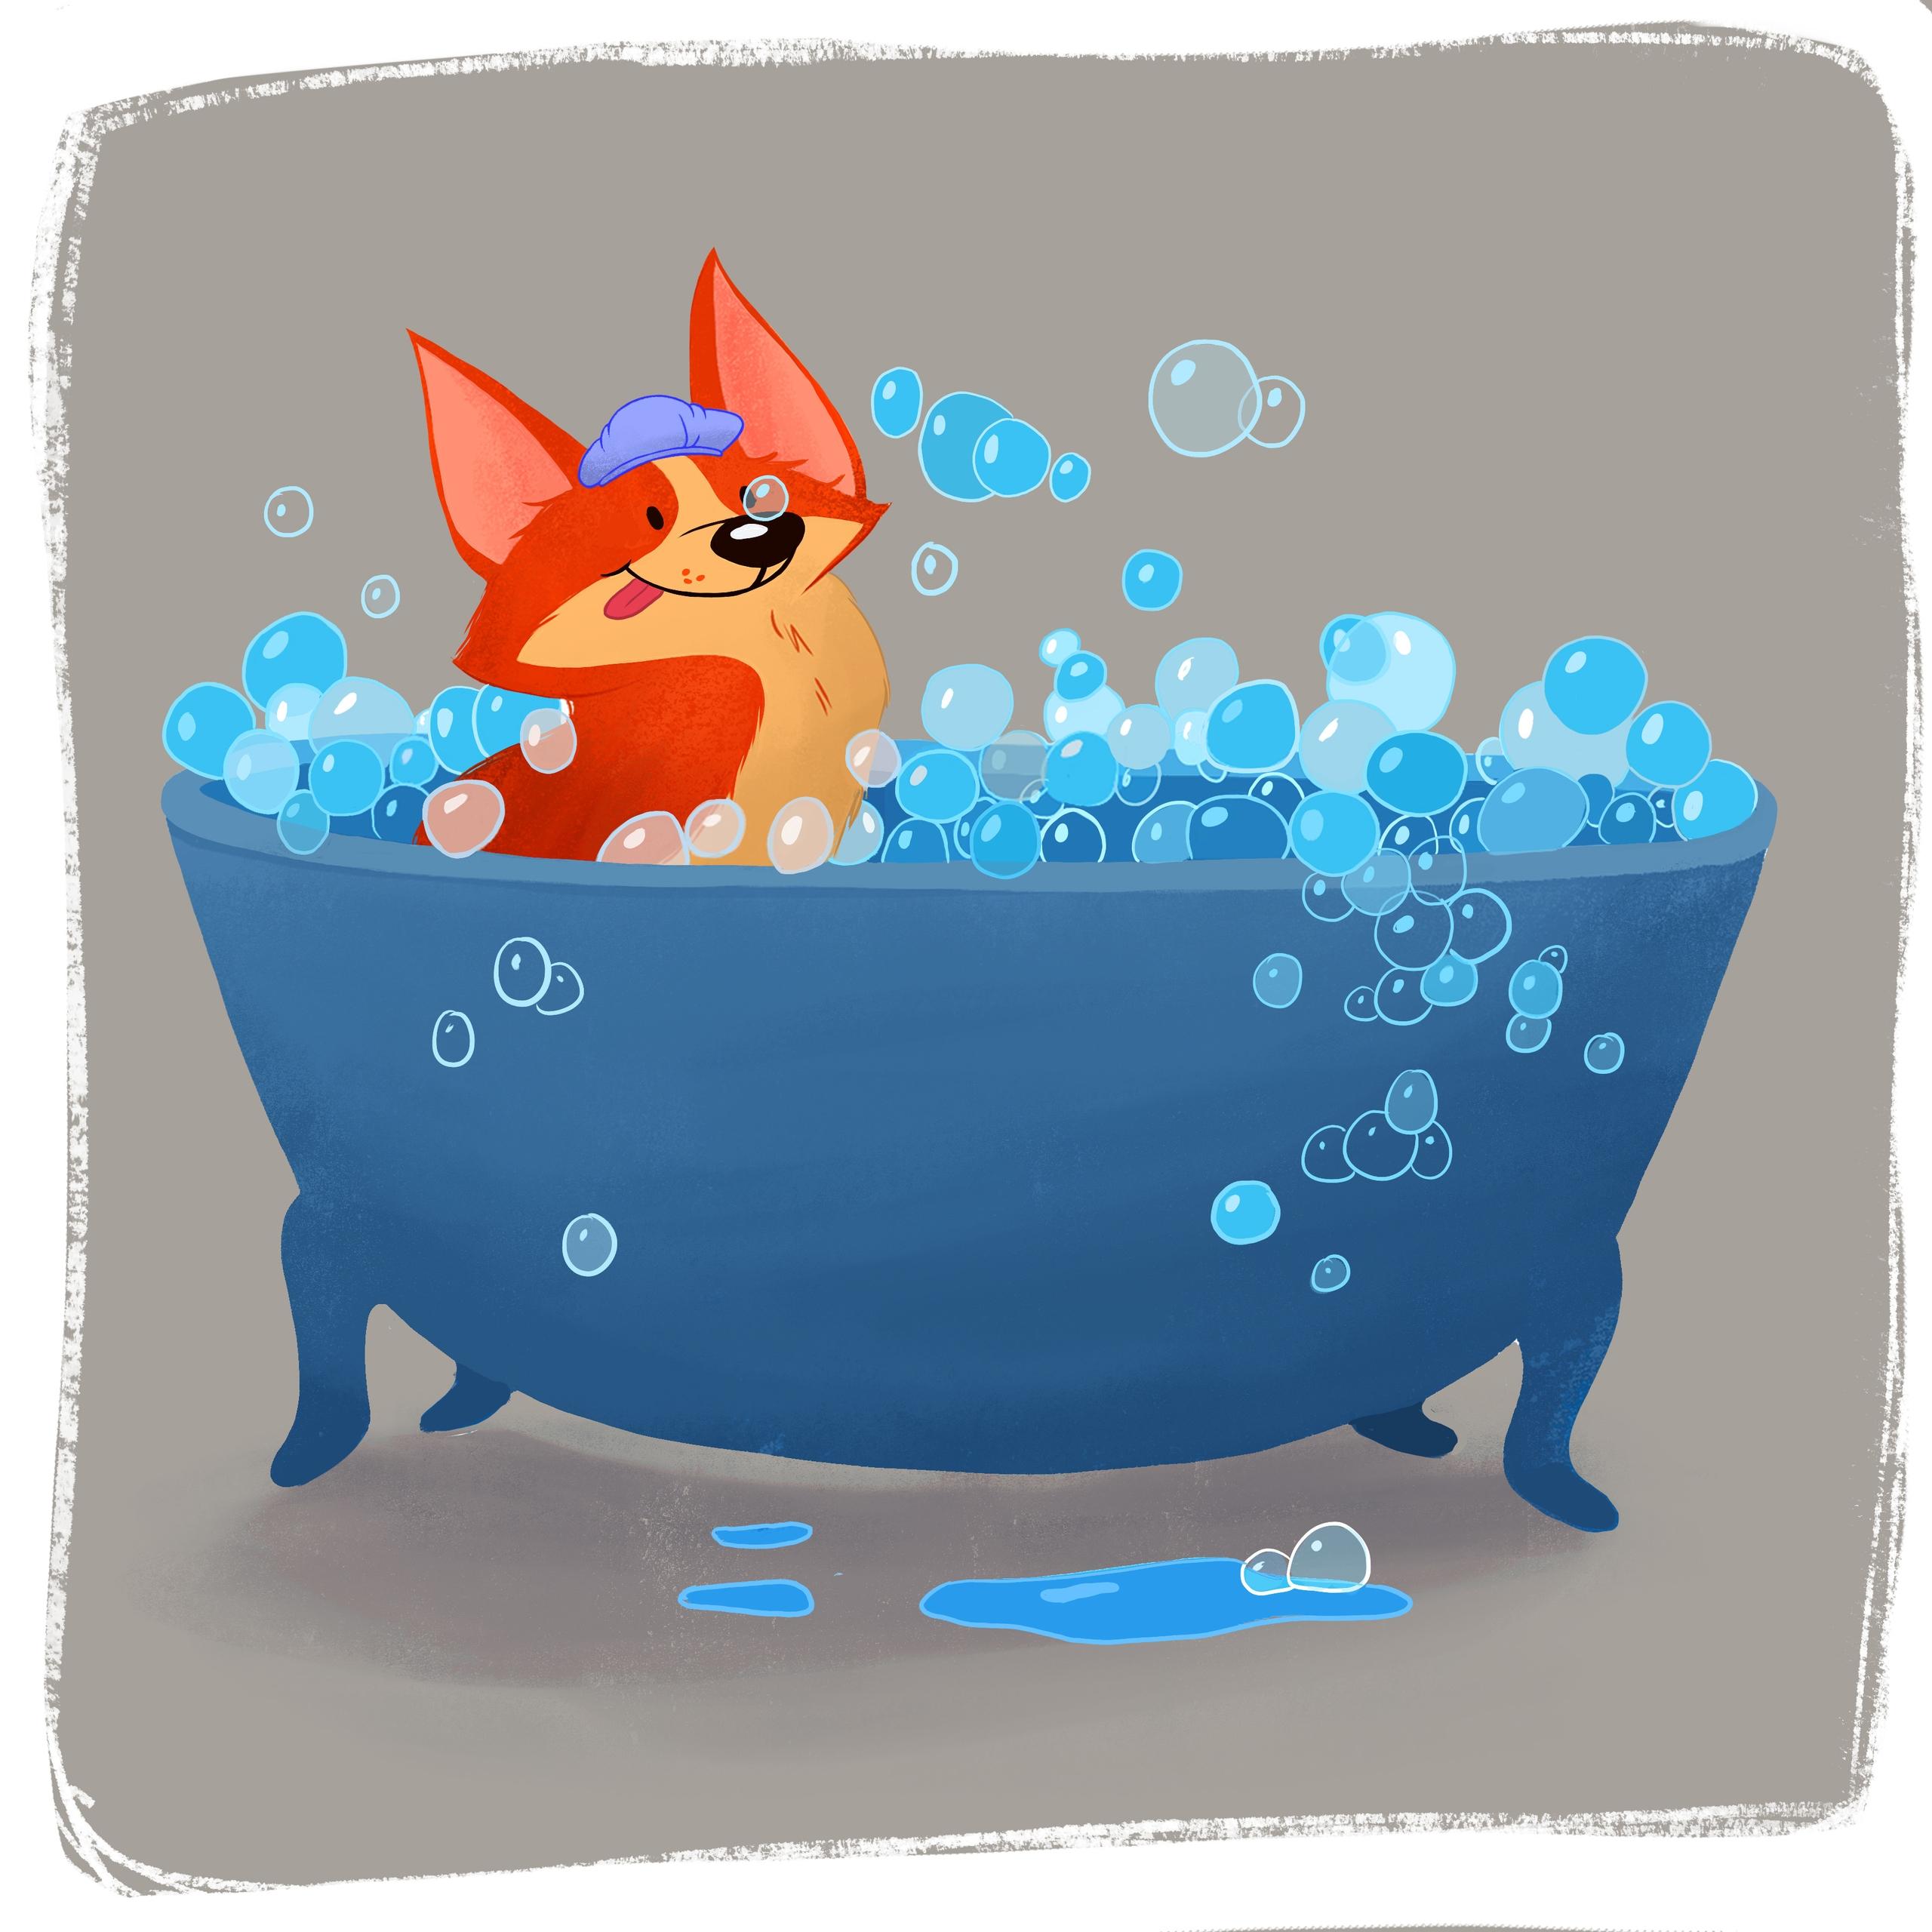 Corgi Bubble Bath - corgi, bubblebath - ashleyodell | ello